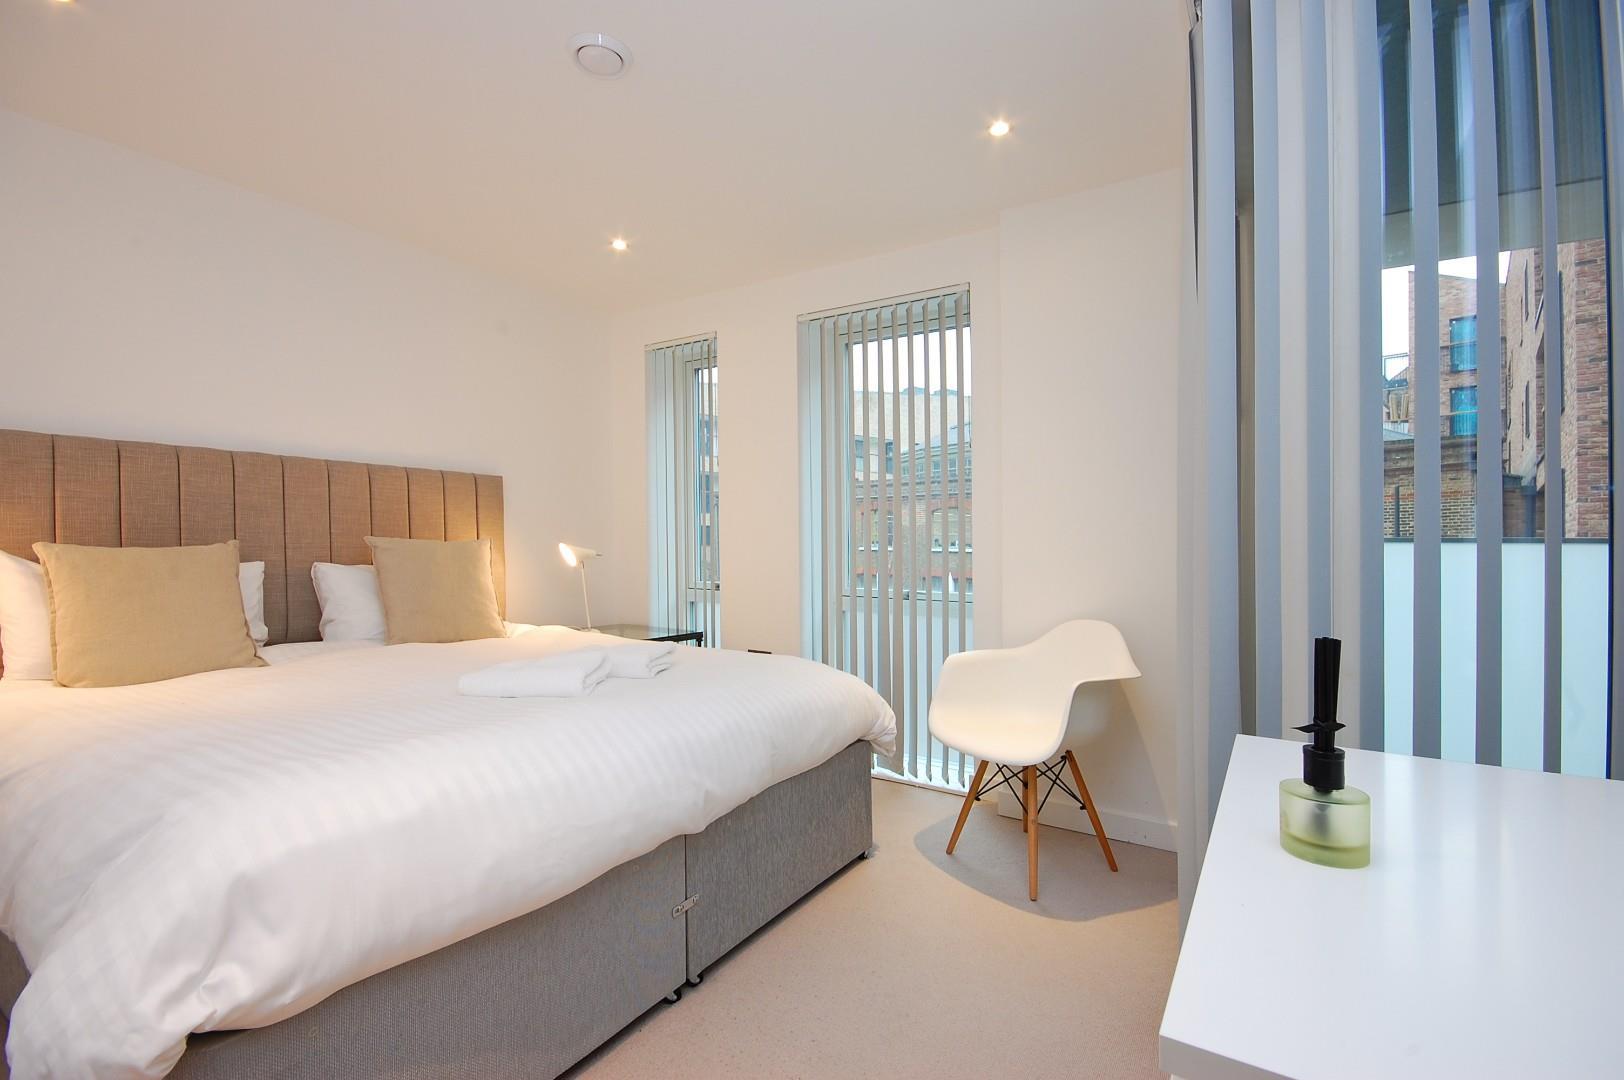 Godfrey-Bedroom 3.jpg